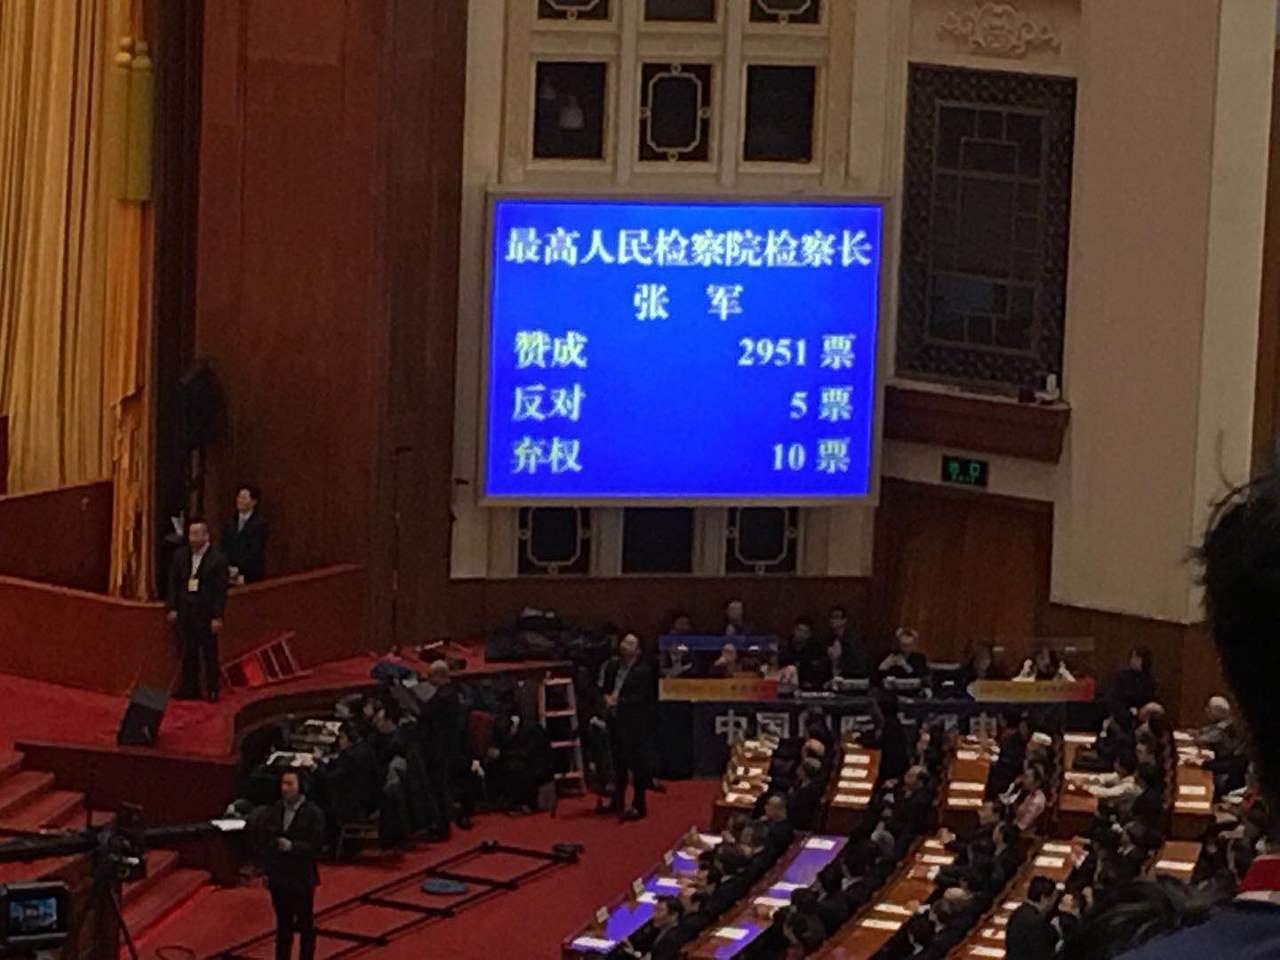 最高檢察院檢察長張軍獲得2951票贊成、5票反對、10票棄權。特派記者林庭瑤╱攝...